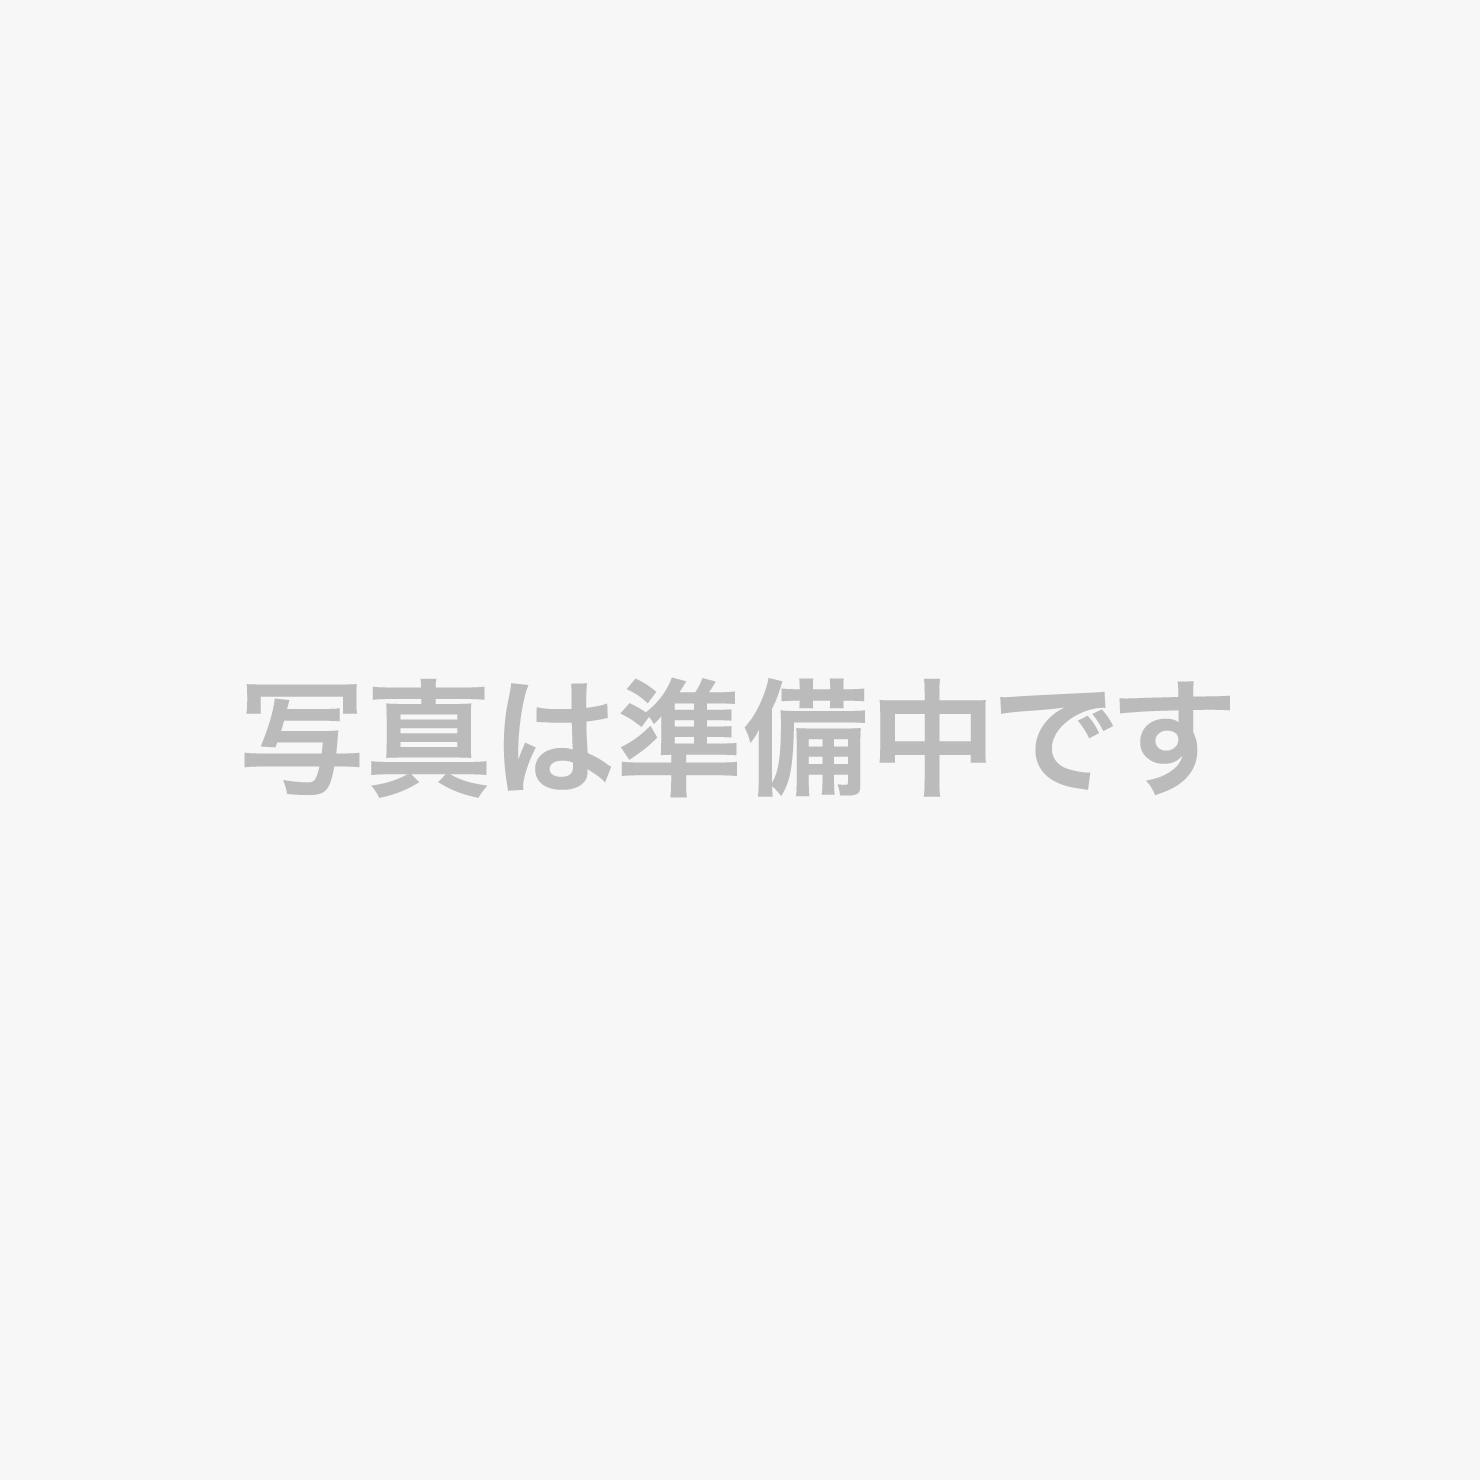 10帖禁煙室広縁(興福寺五重塔側)興福寺五重塔は夜22:00までライトアップしております。広縁でお座りになってゆっくりとお過ごしくださいませ。